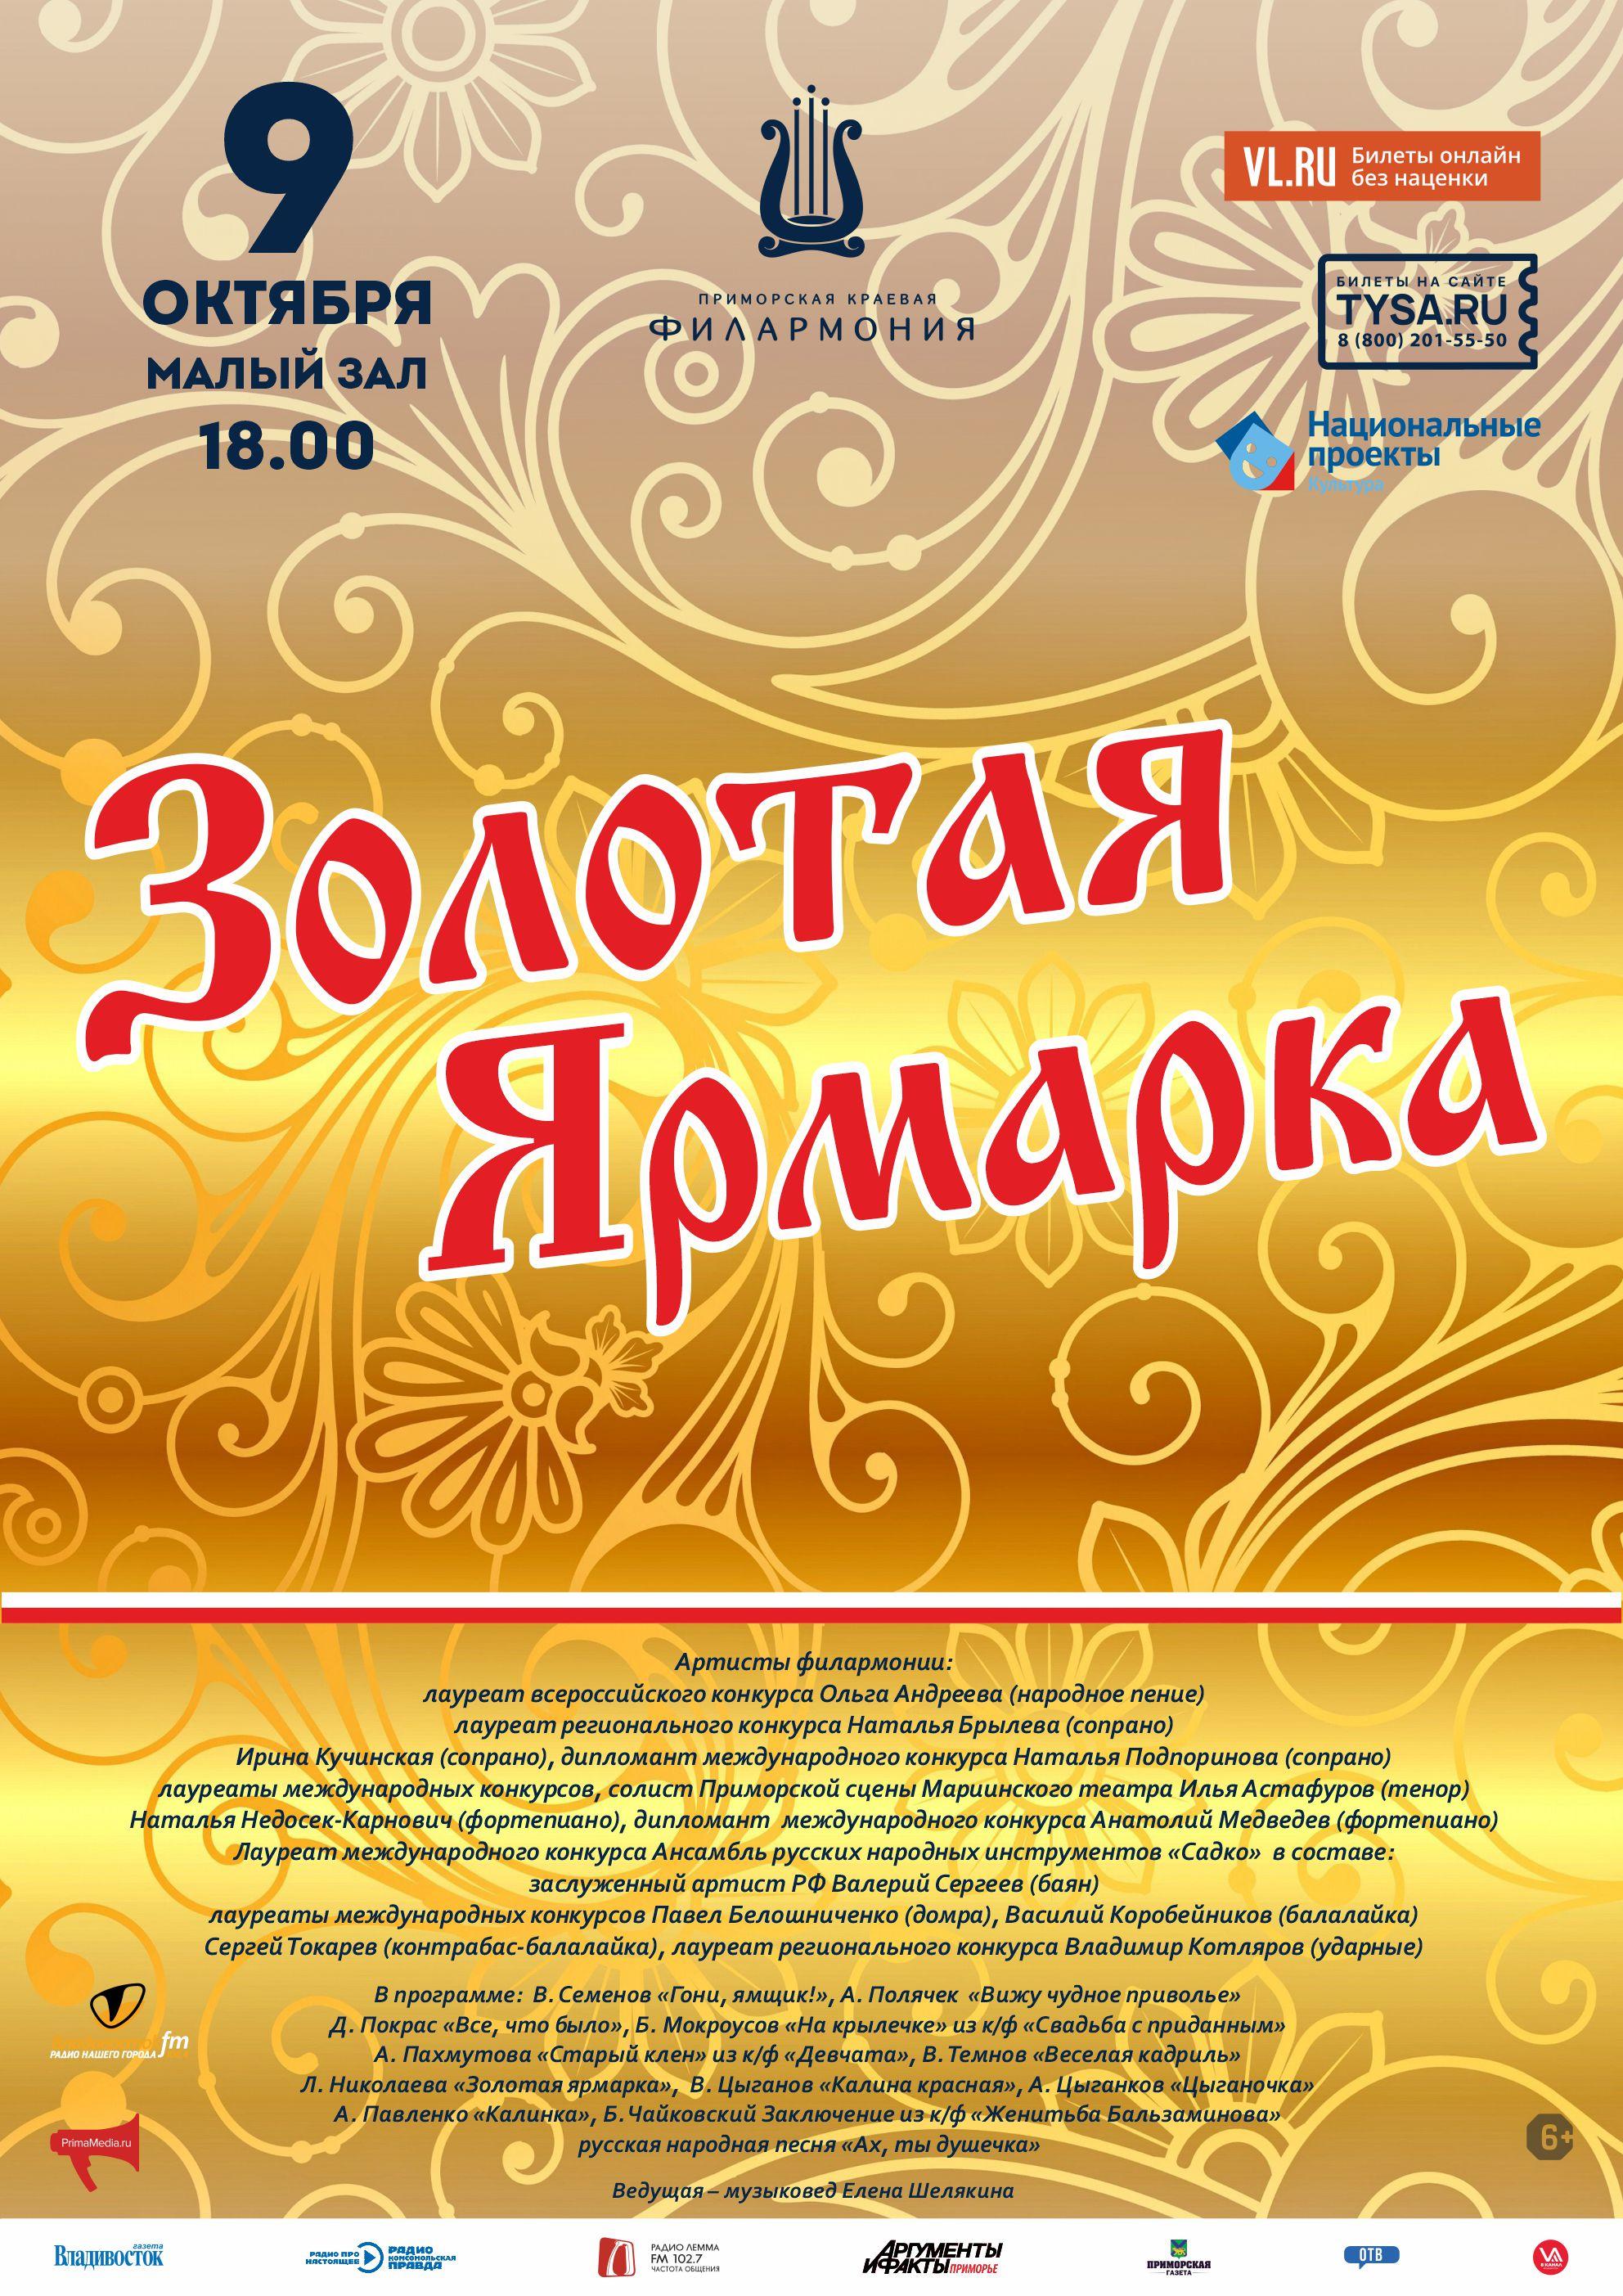 9 октябряКонцертная программа «Золотая Ярмарка»